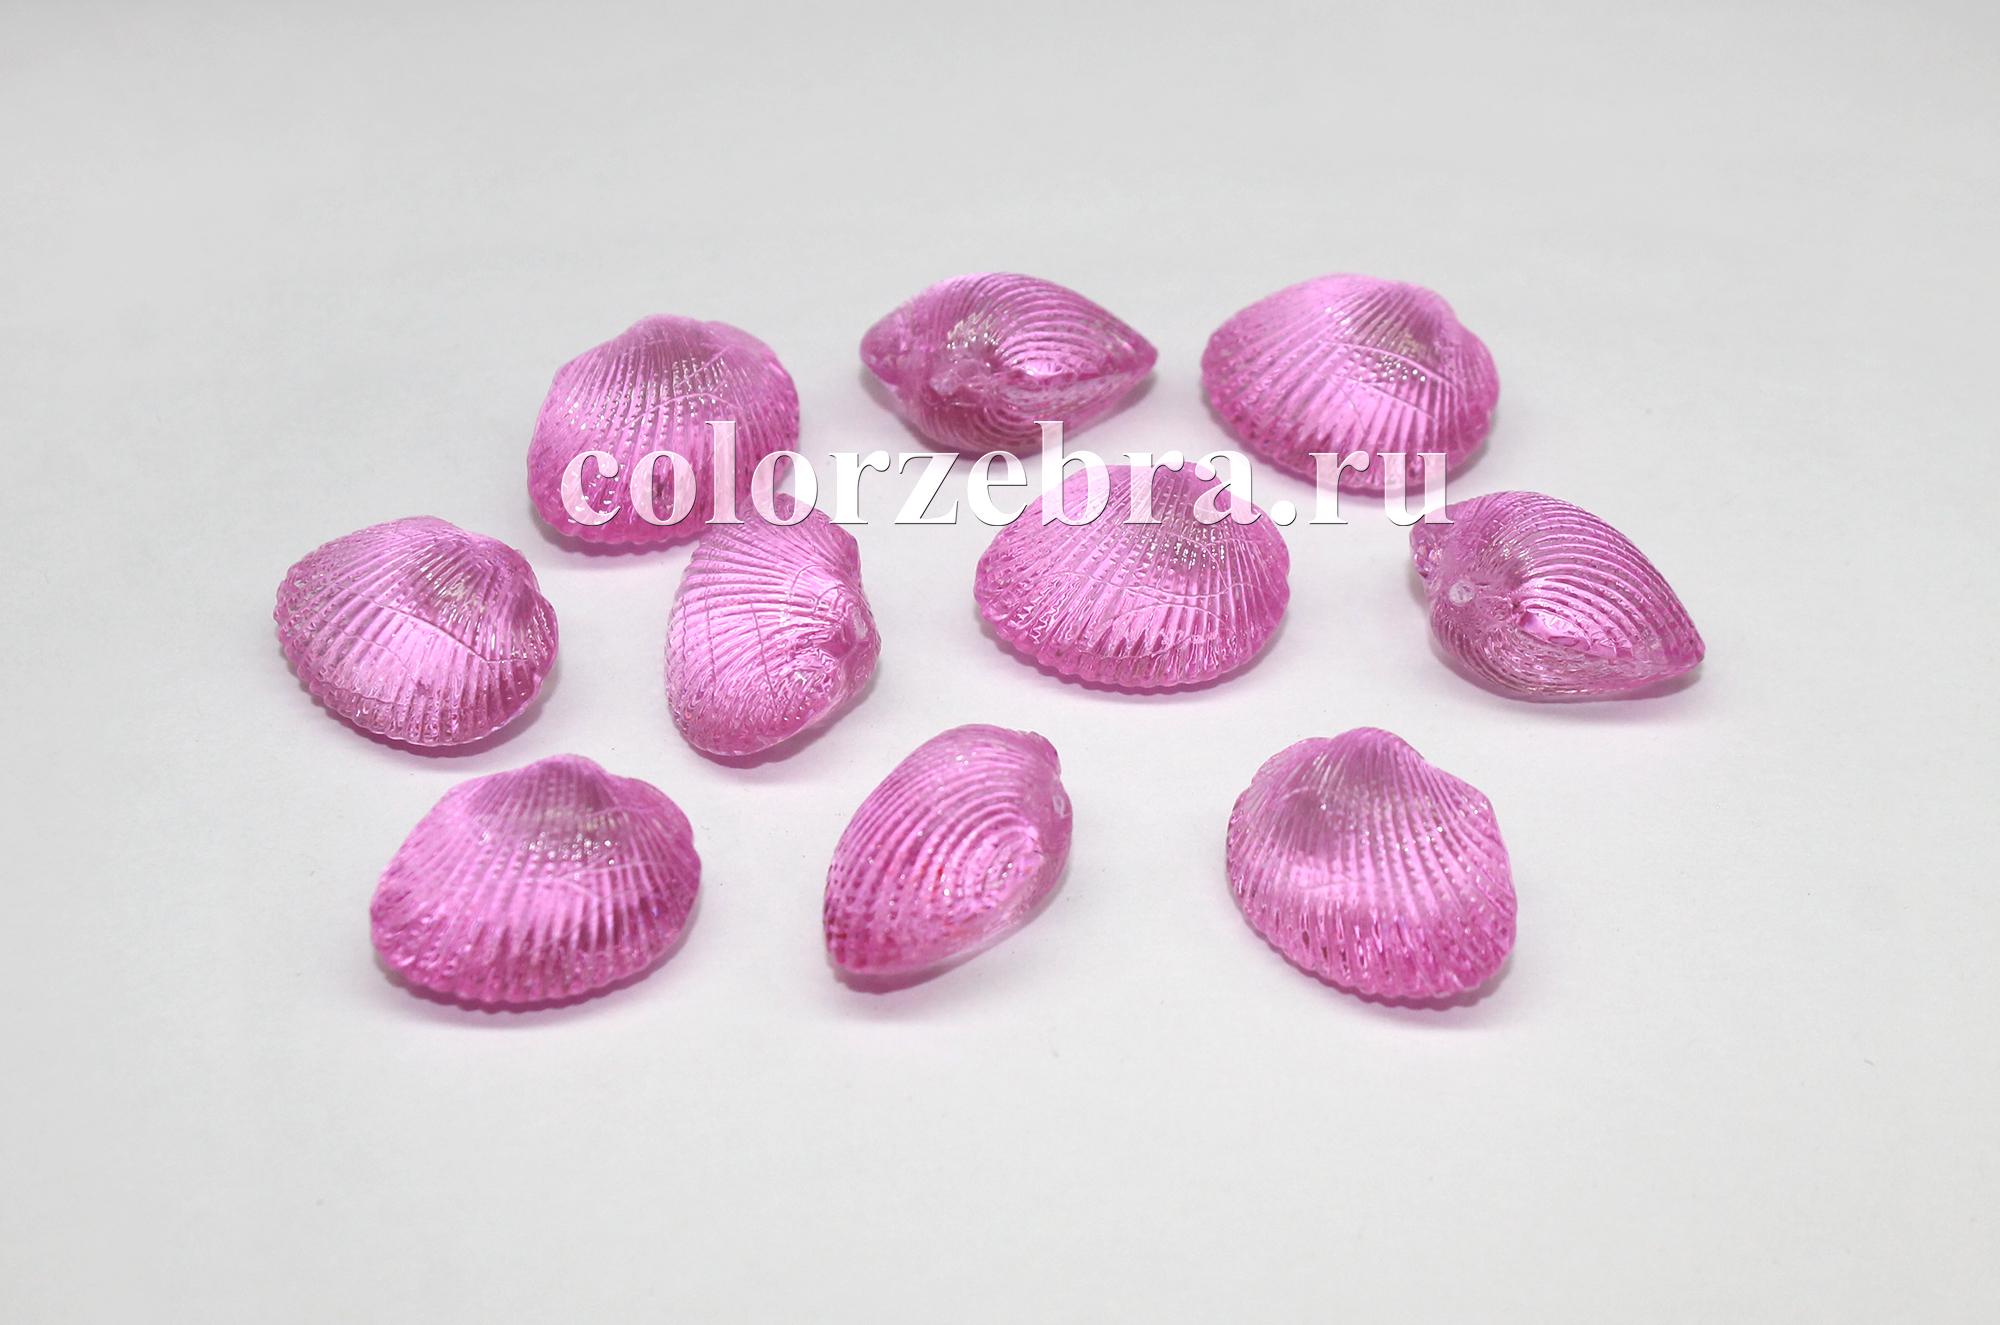 Декоративные двустворчатые ракушки из пластика